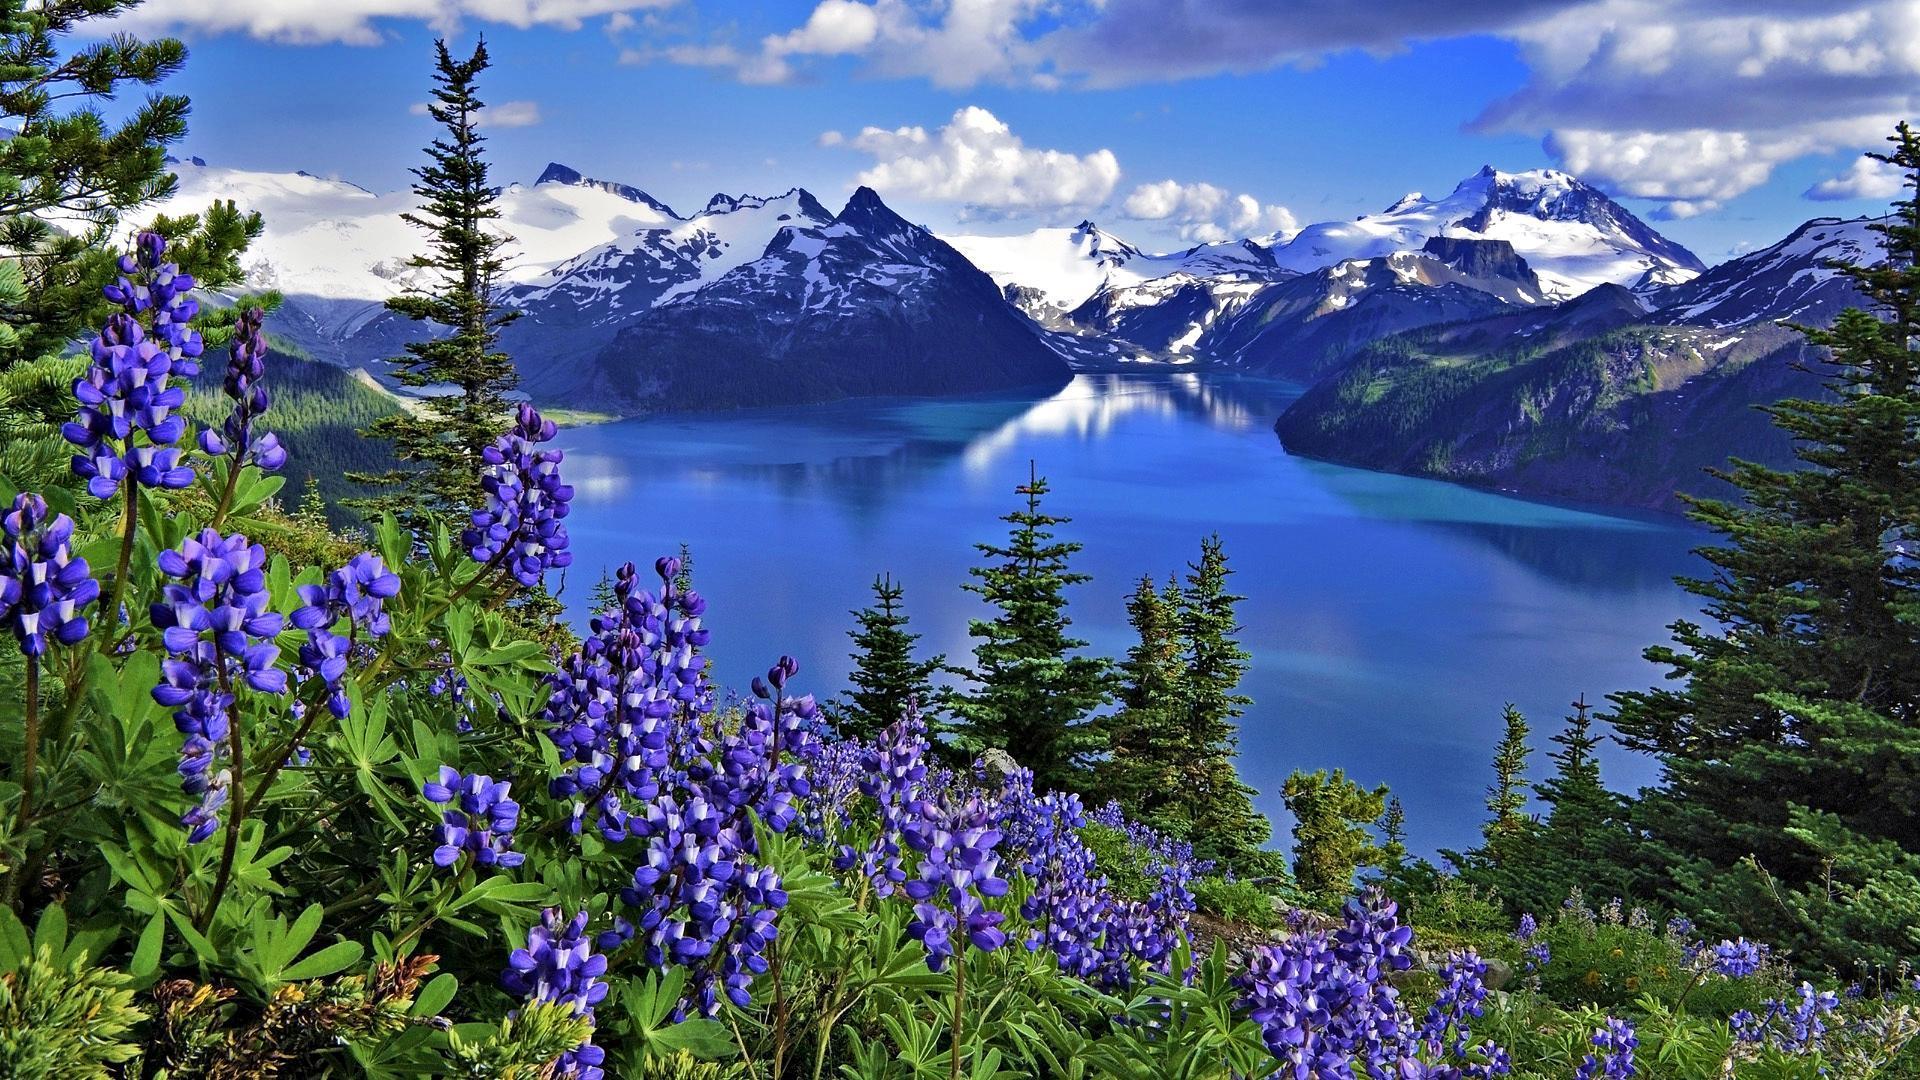 بالصور جمال الطبيعة , شاهد بالصور ابداع الخالق فى جمال الطبيعة 454 5